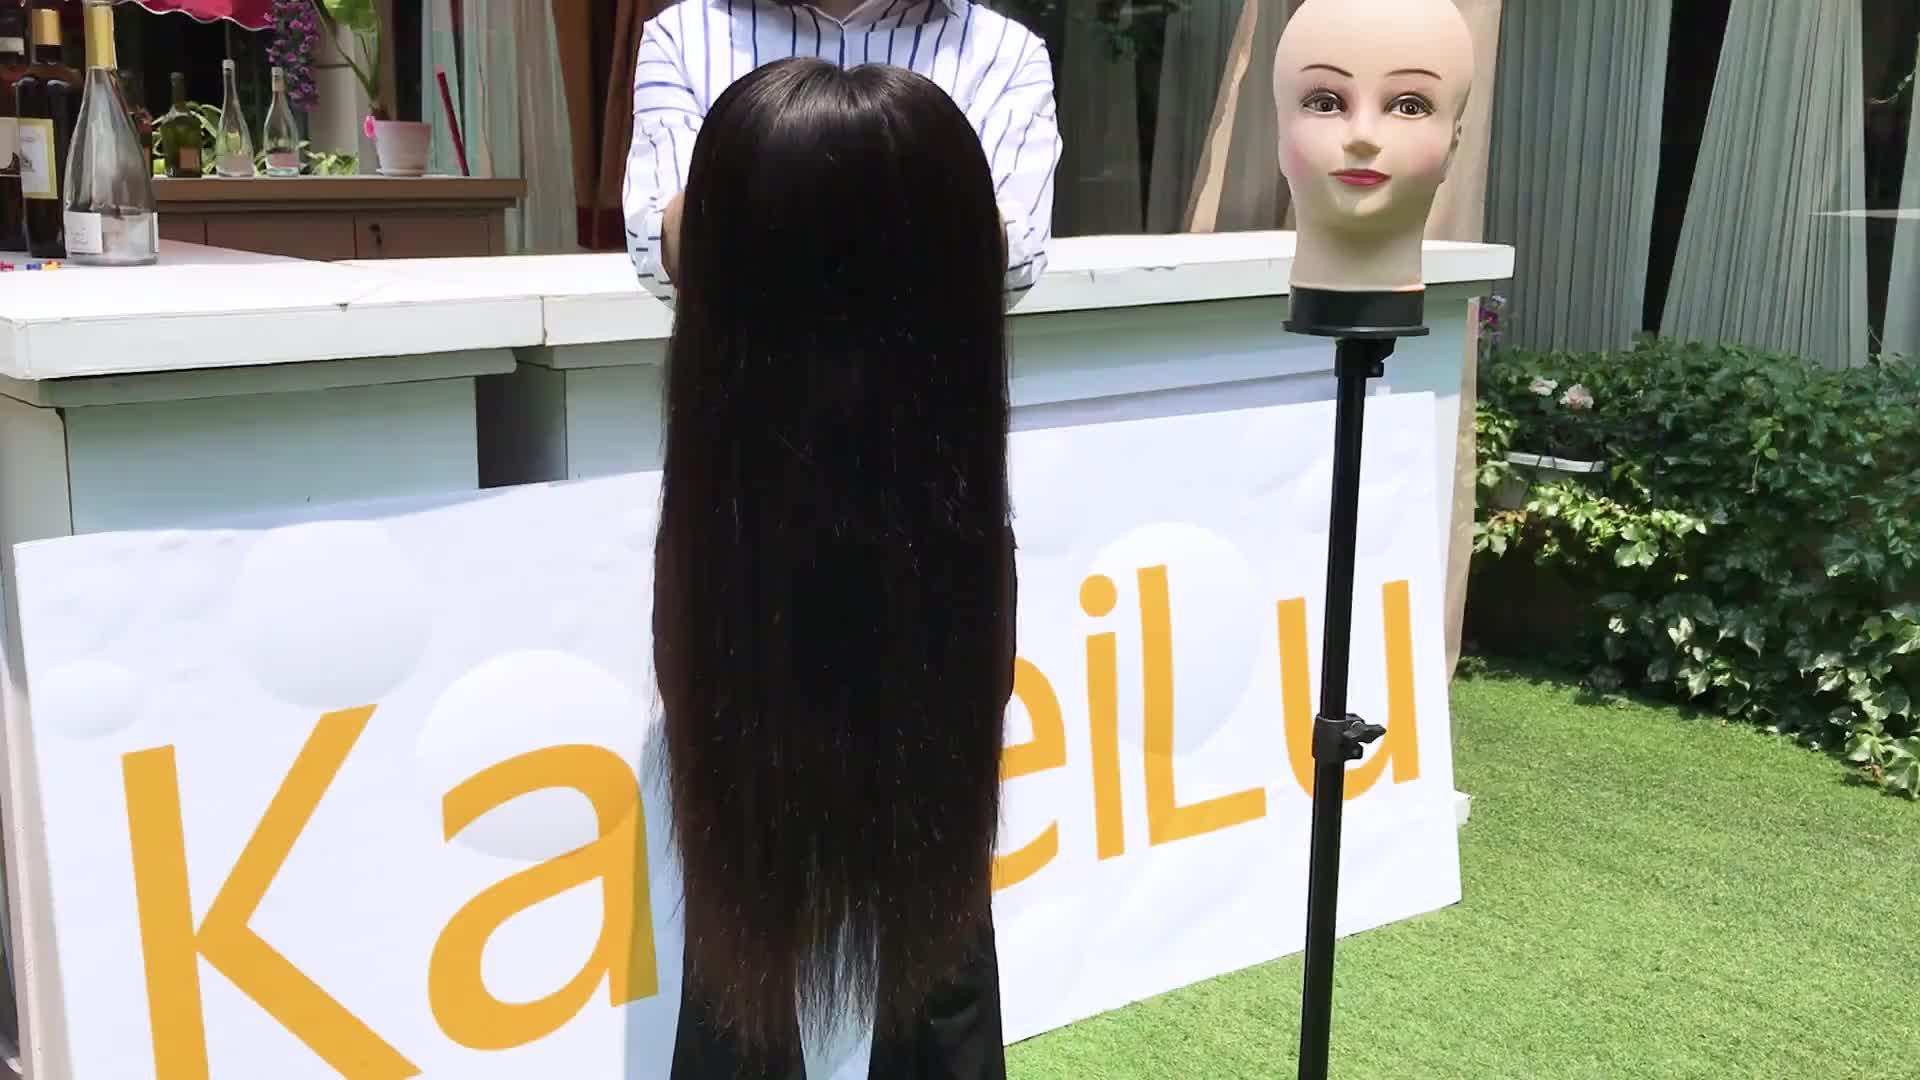 Atacado hd real do cabelo humano de remy peruca dianteira do laço, peruca dianteira do laço brasileiro do cabelo humano em linha reta virgem, virgem peruca dianteira do laço do cabelo